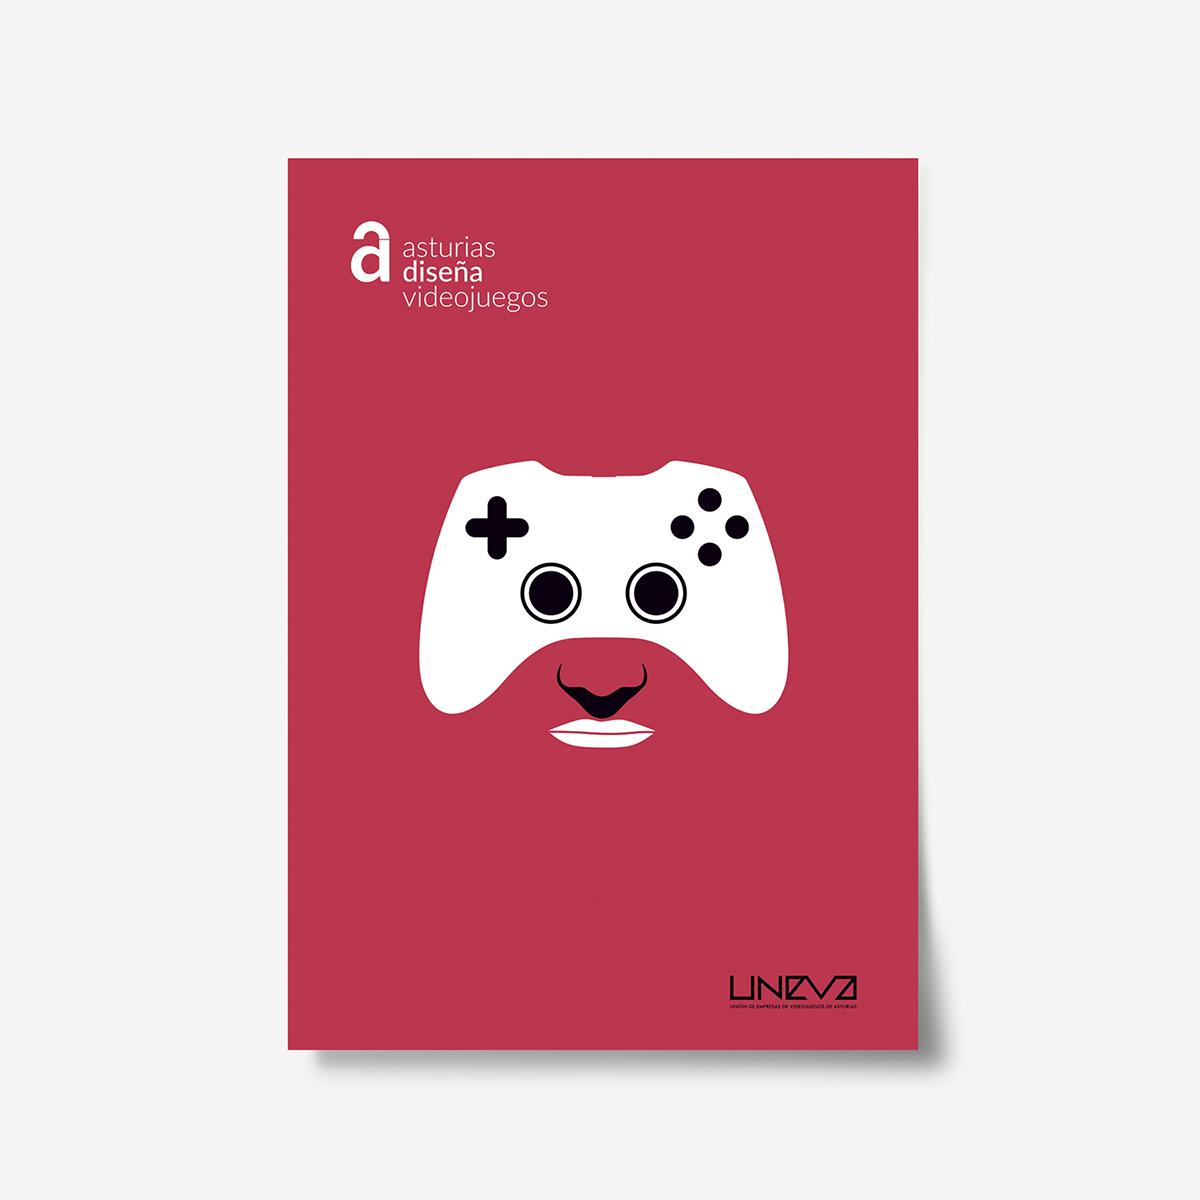 UNEVA. Diseño icono by Goyo Rodríguez